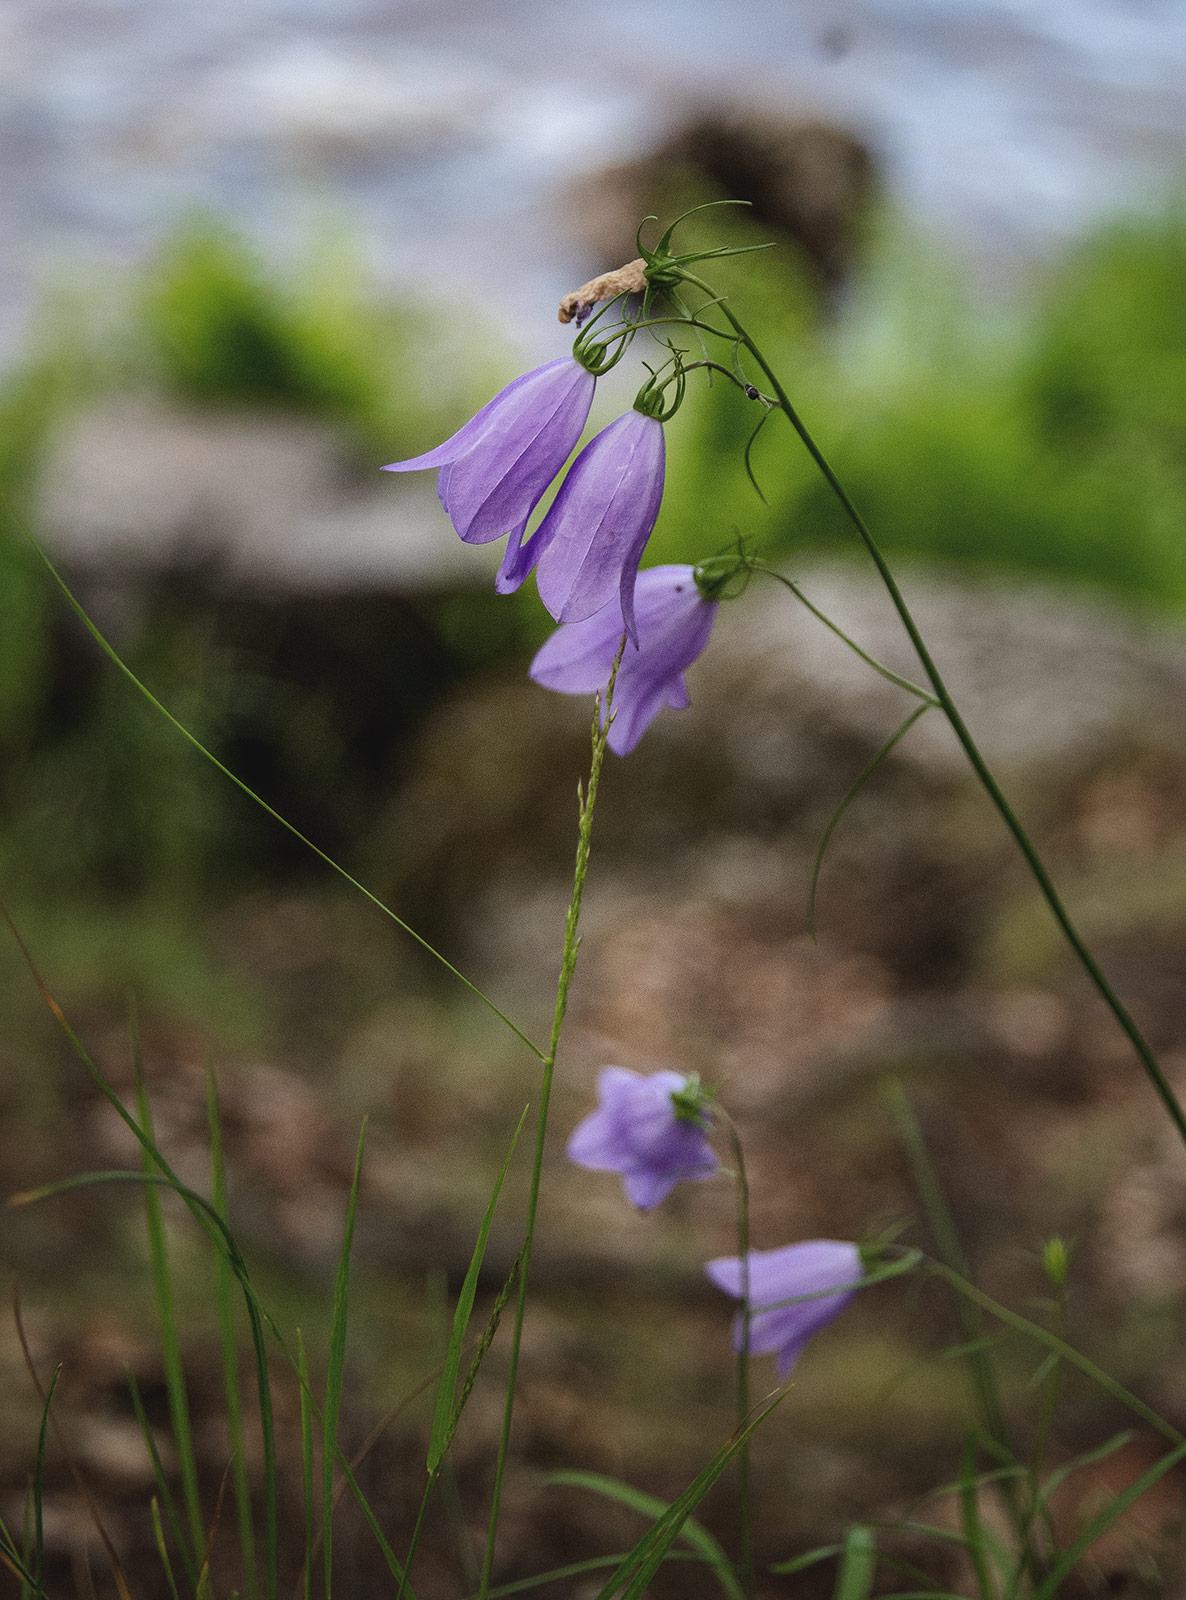 Purple bell shaped flowers